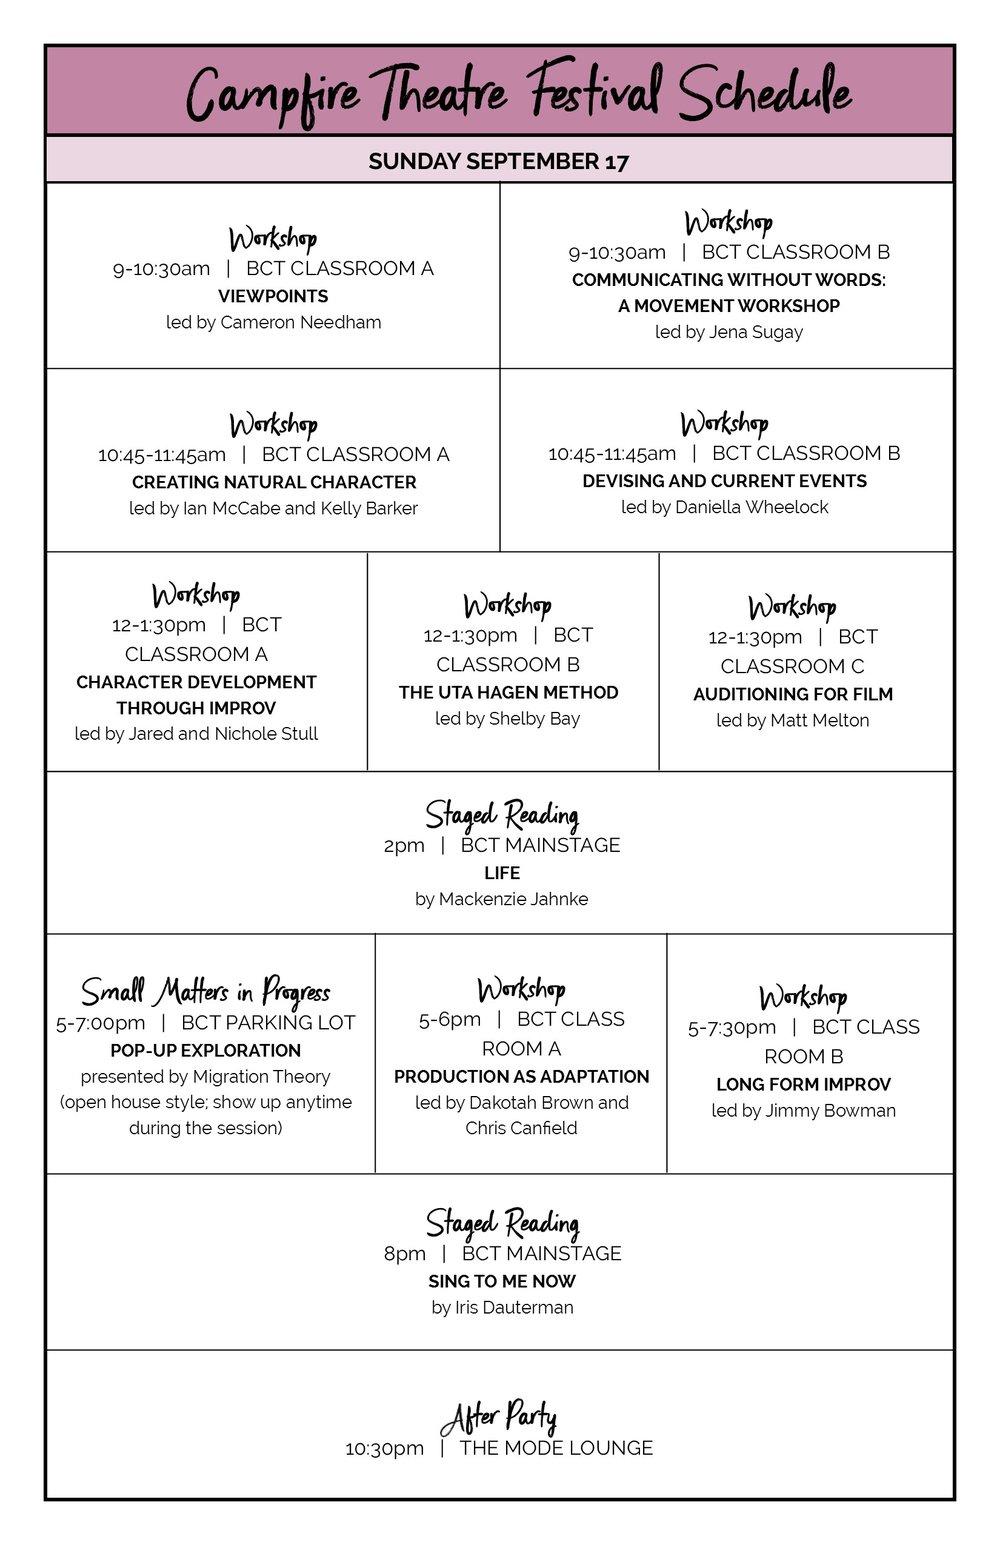 Sunday Sept. 17 Schedule.jpg